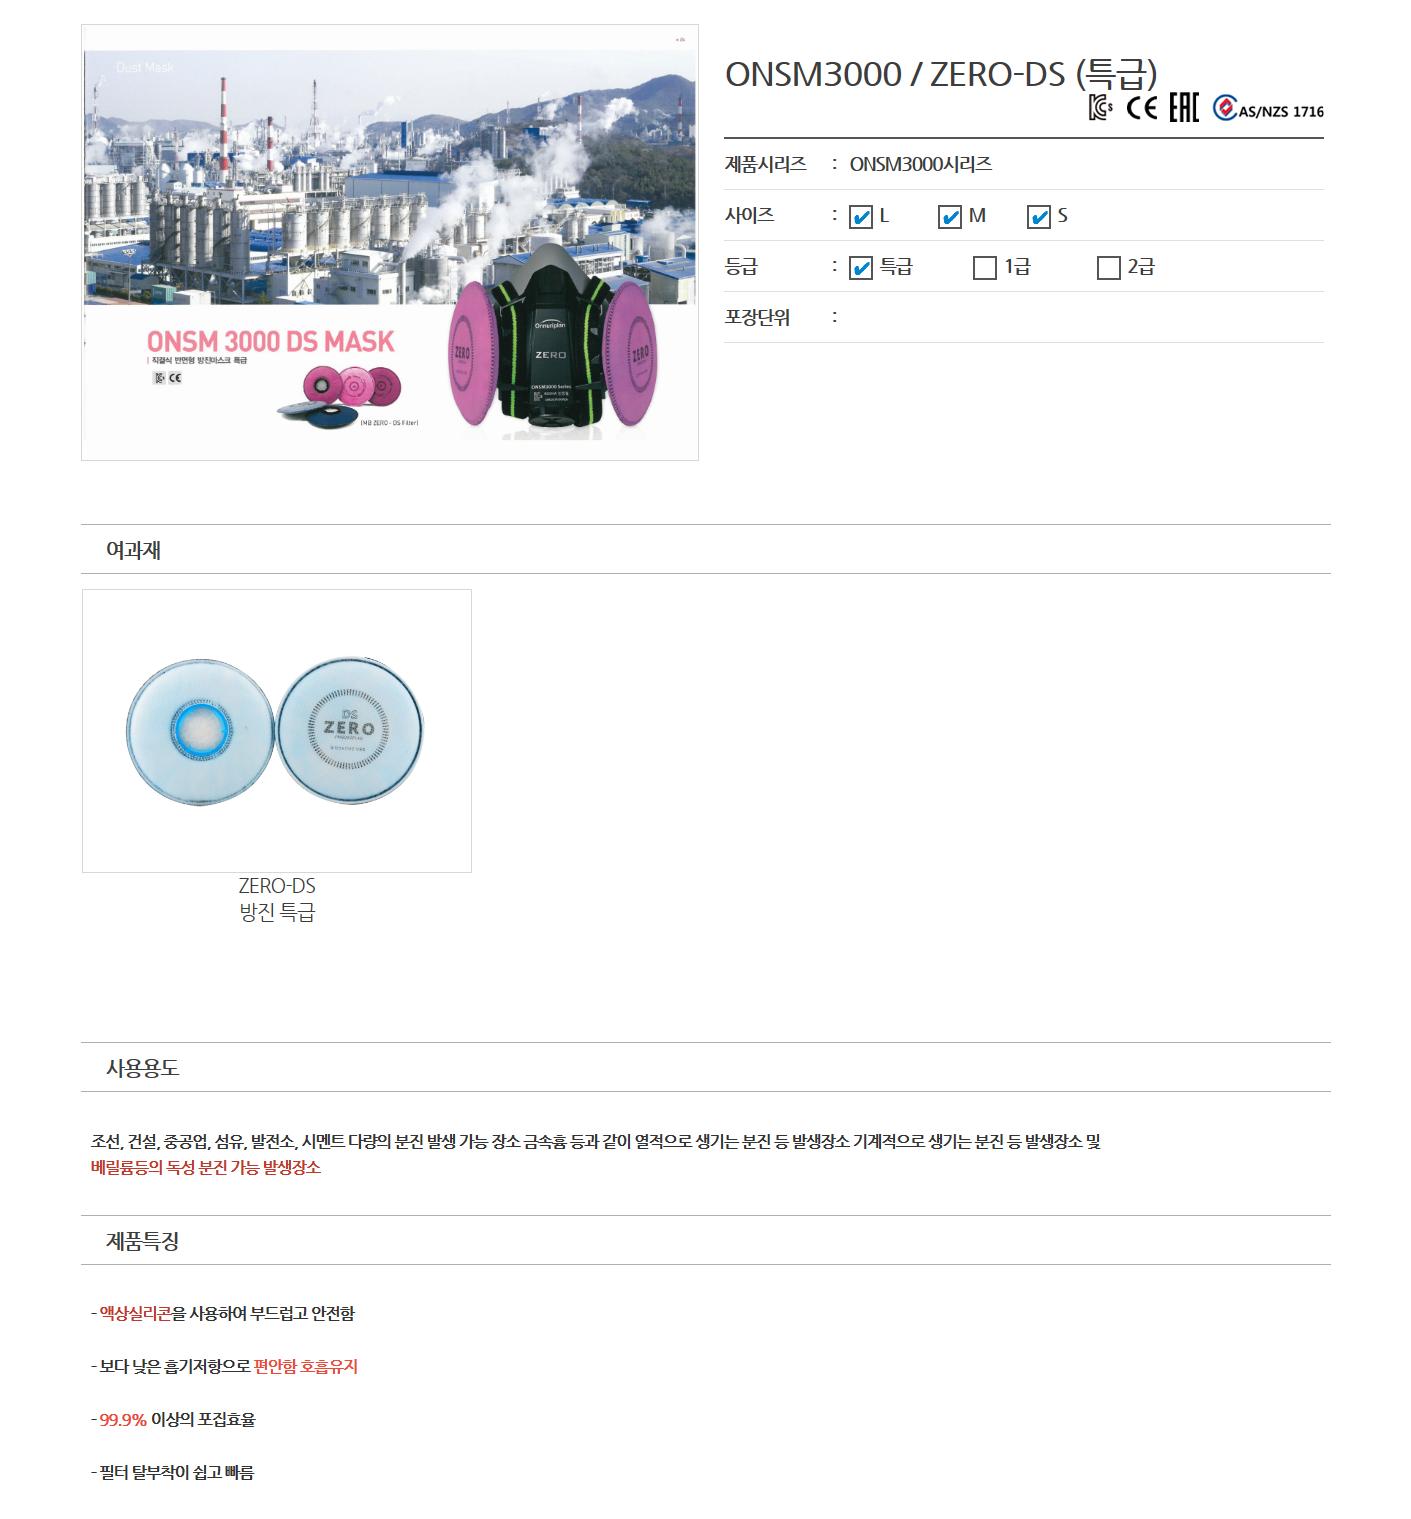 온누리플랜(주)  ONSM3000 / ZERO-DS 1